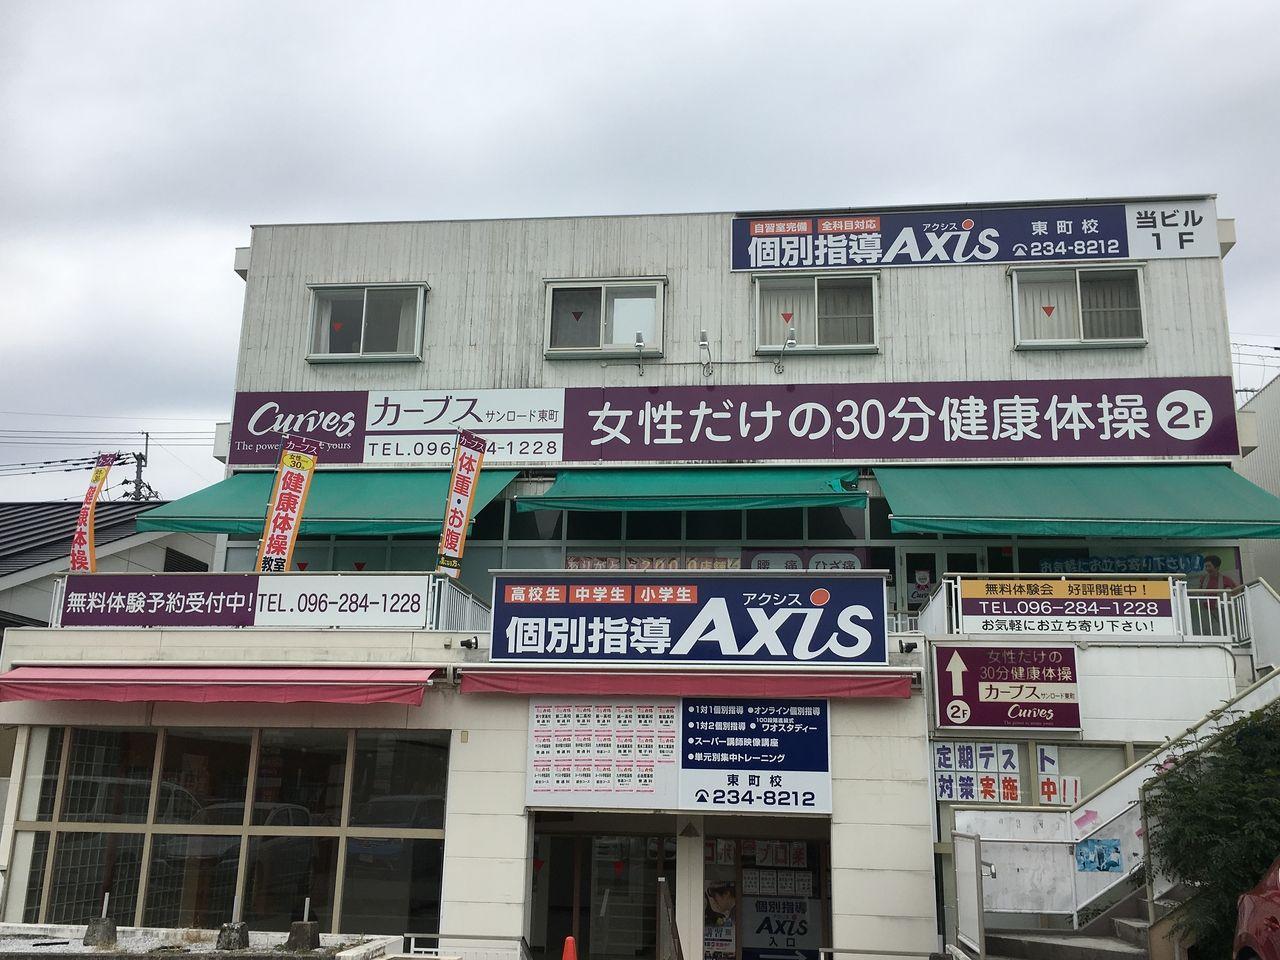 熊本市東区東町にあるサンロードシティ熊本にあるCurvesとAxis